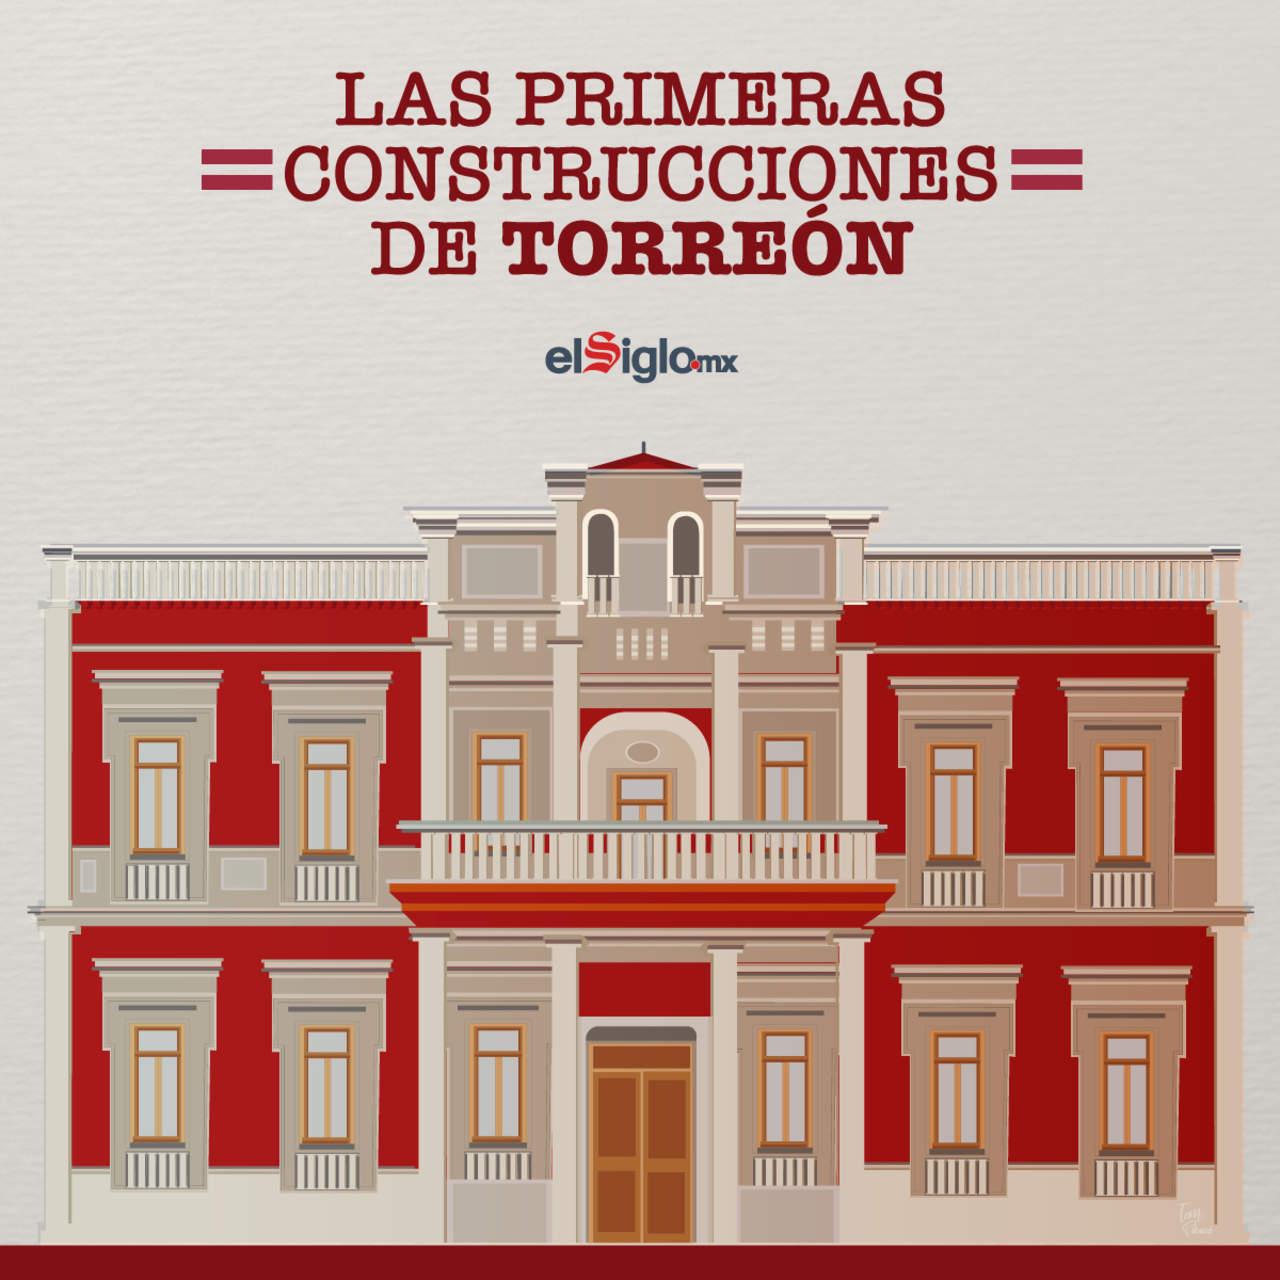 ¿Cómo fueron las primeras construcciones de Torreón?